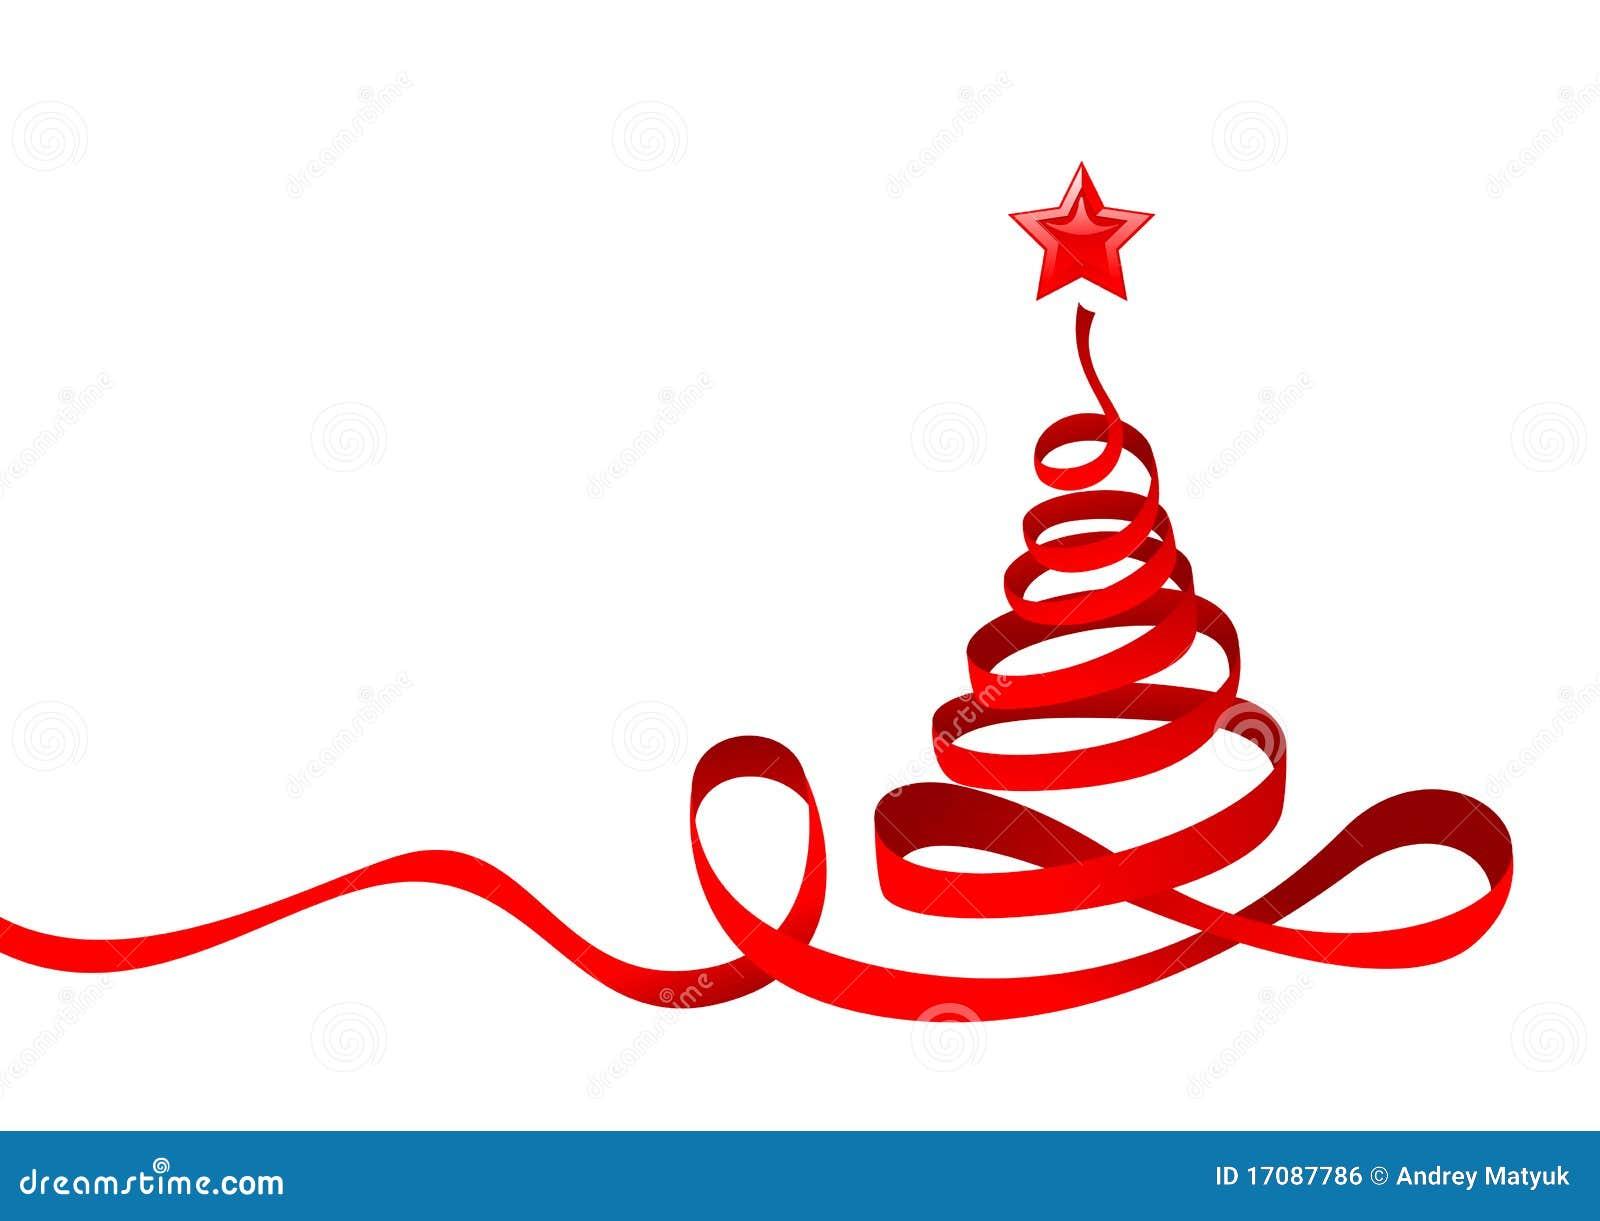 Immagini Vettoriali Natale.Albero Di Natale Del Nastro Illustrazione Vettoriale